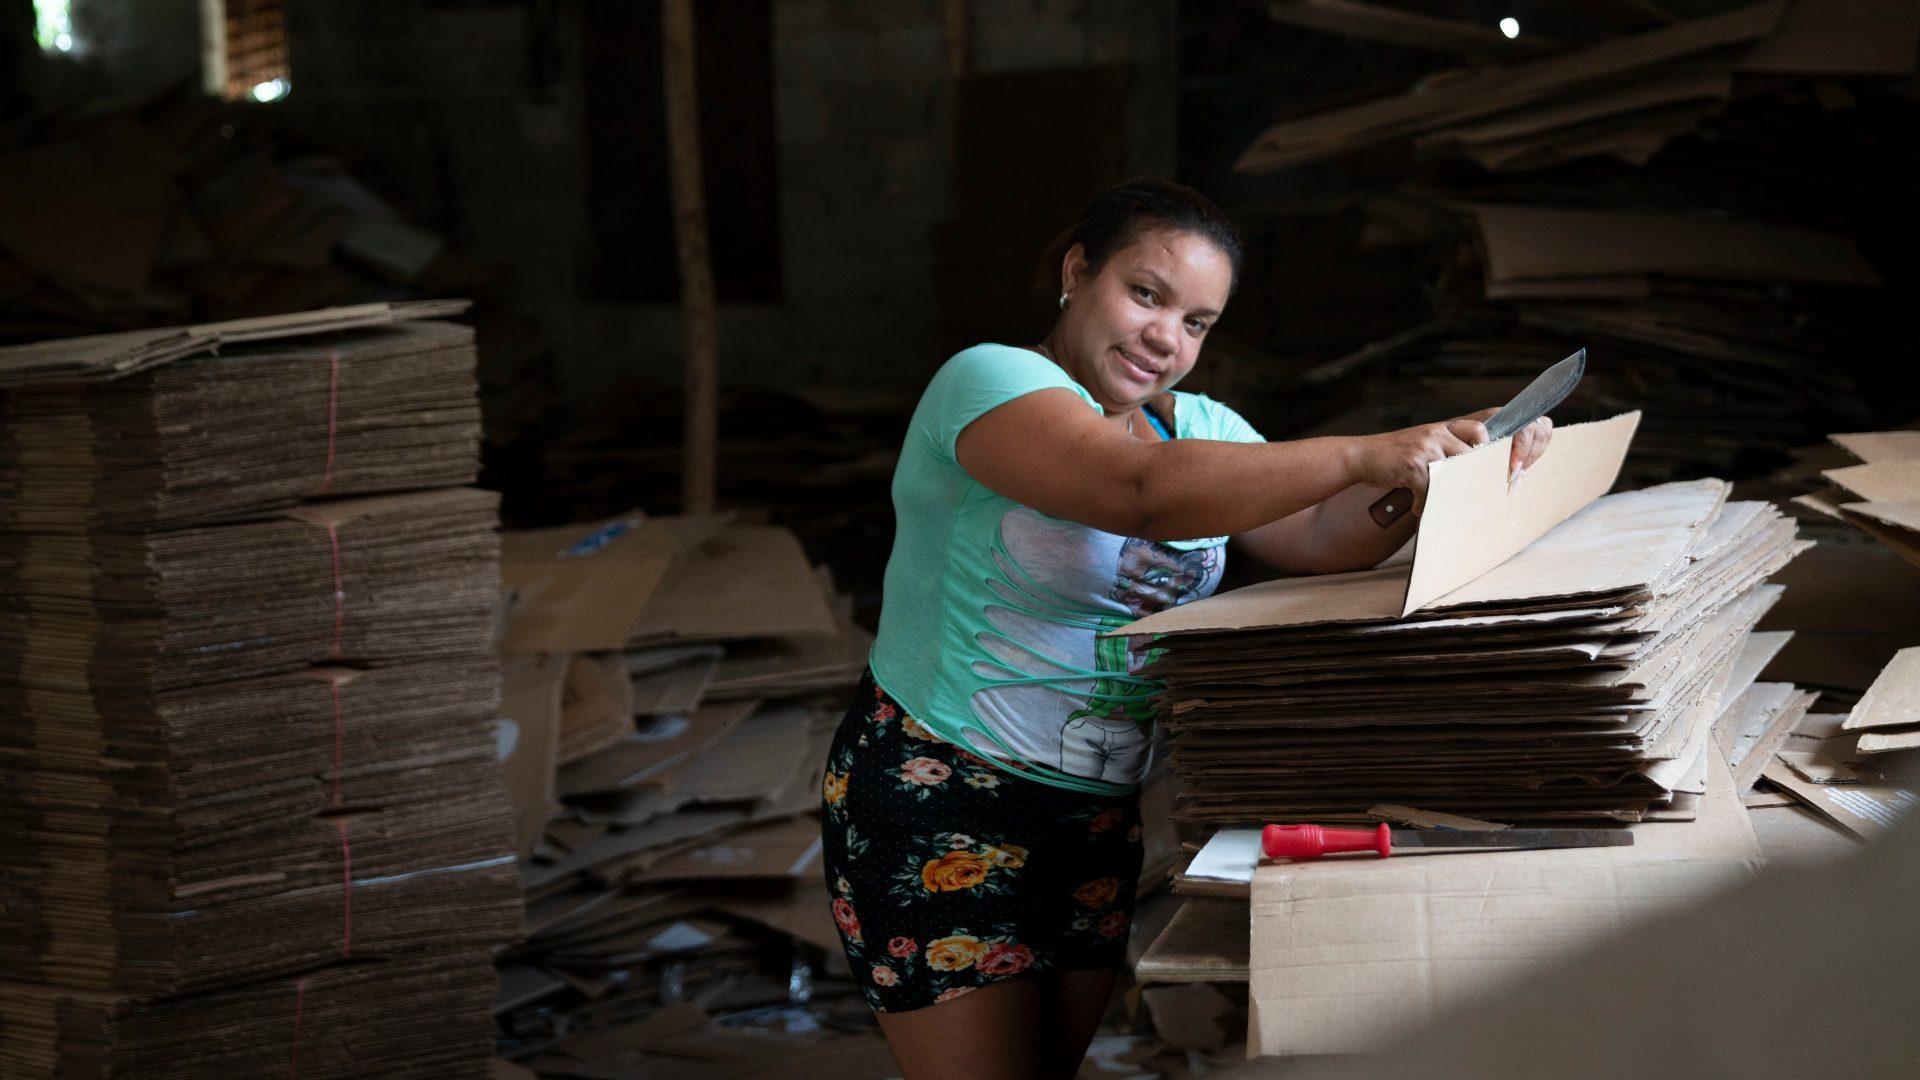 Fotografía de Yohanna Sosa, emprendedora dominicana FMBBVA